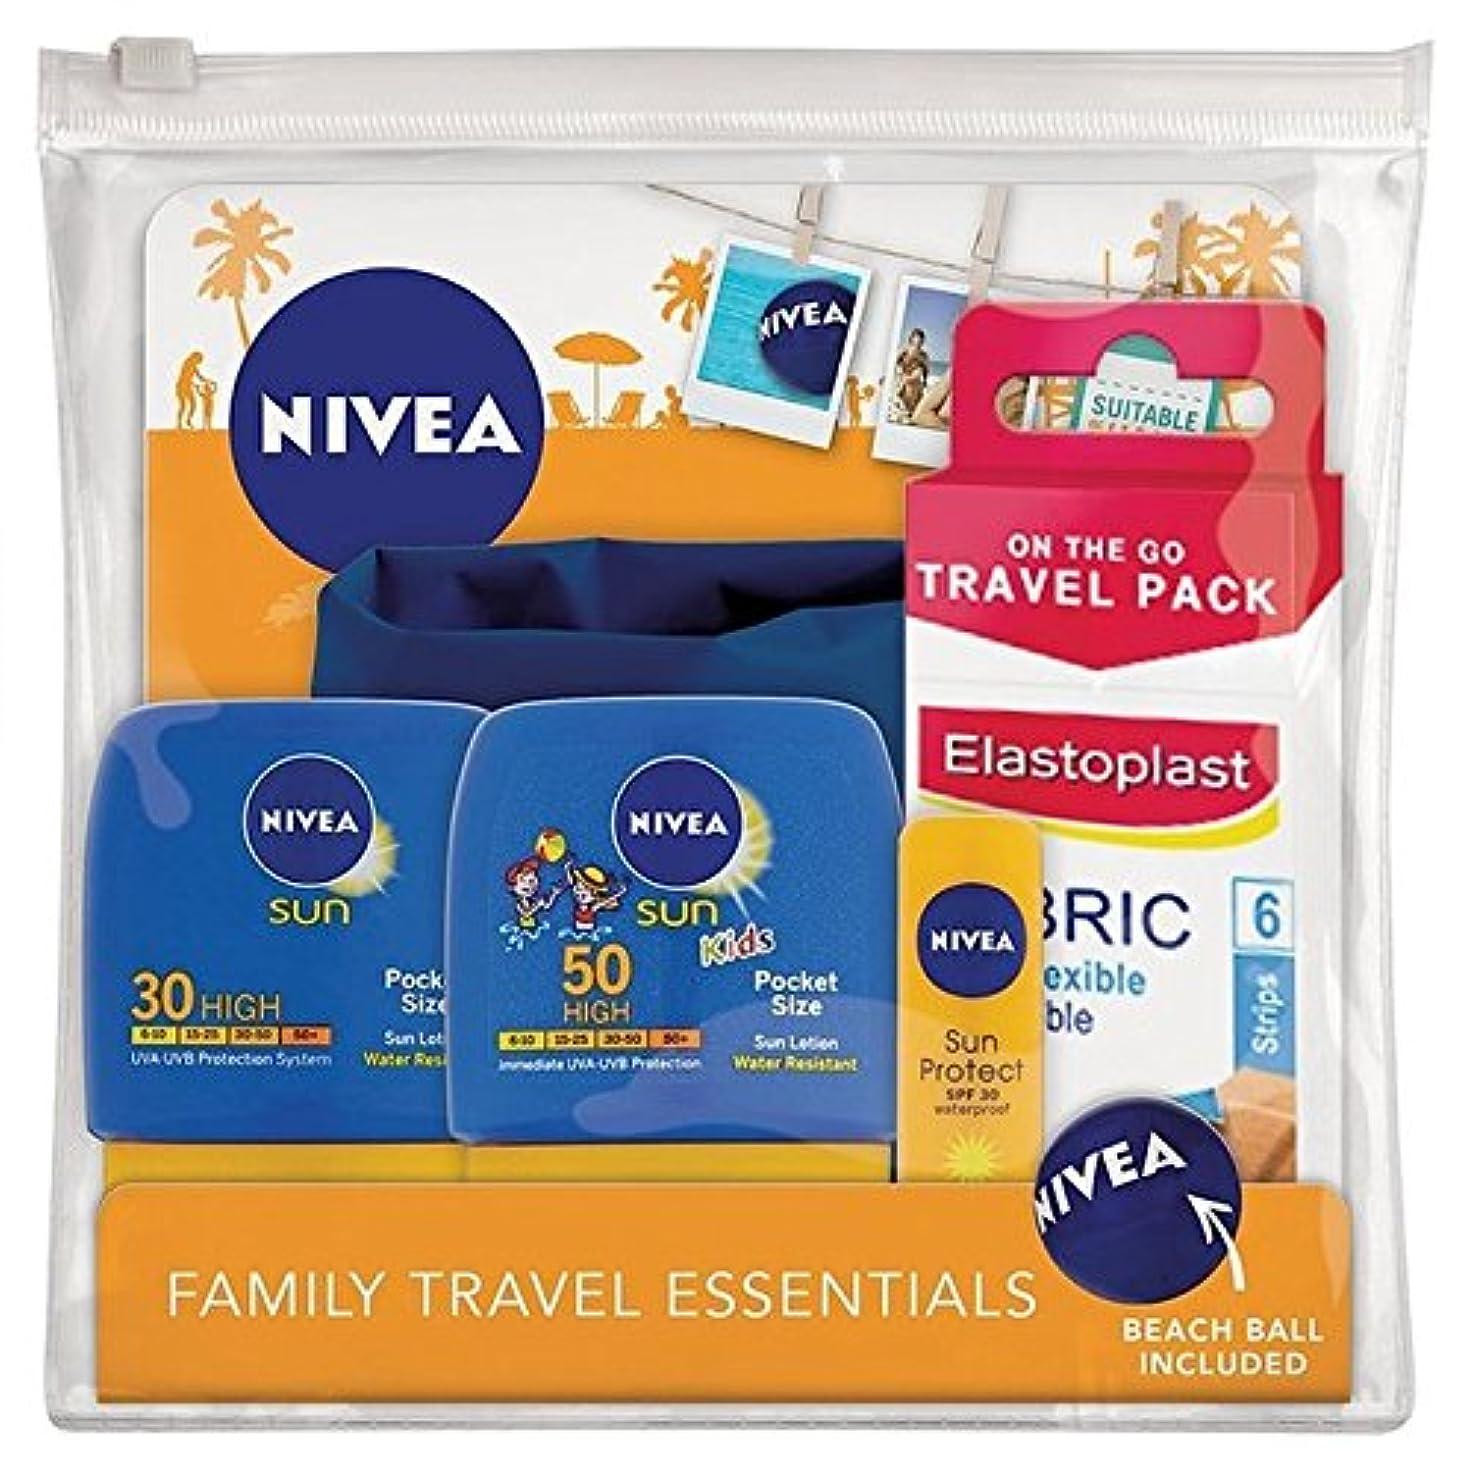 ジムむしゃむしゃ報奨金ニベア日旅行パック x4 - Nivea Sun Travel Pack (Pack of 4) [並行輸入品]